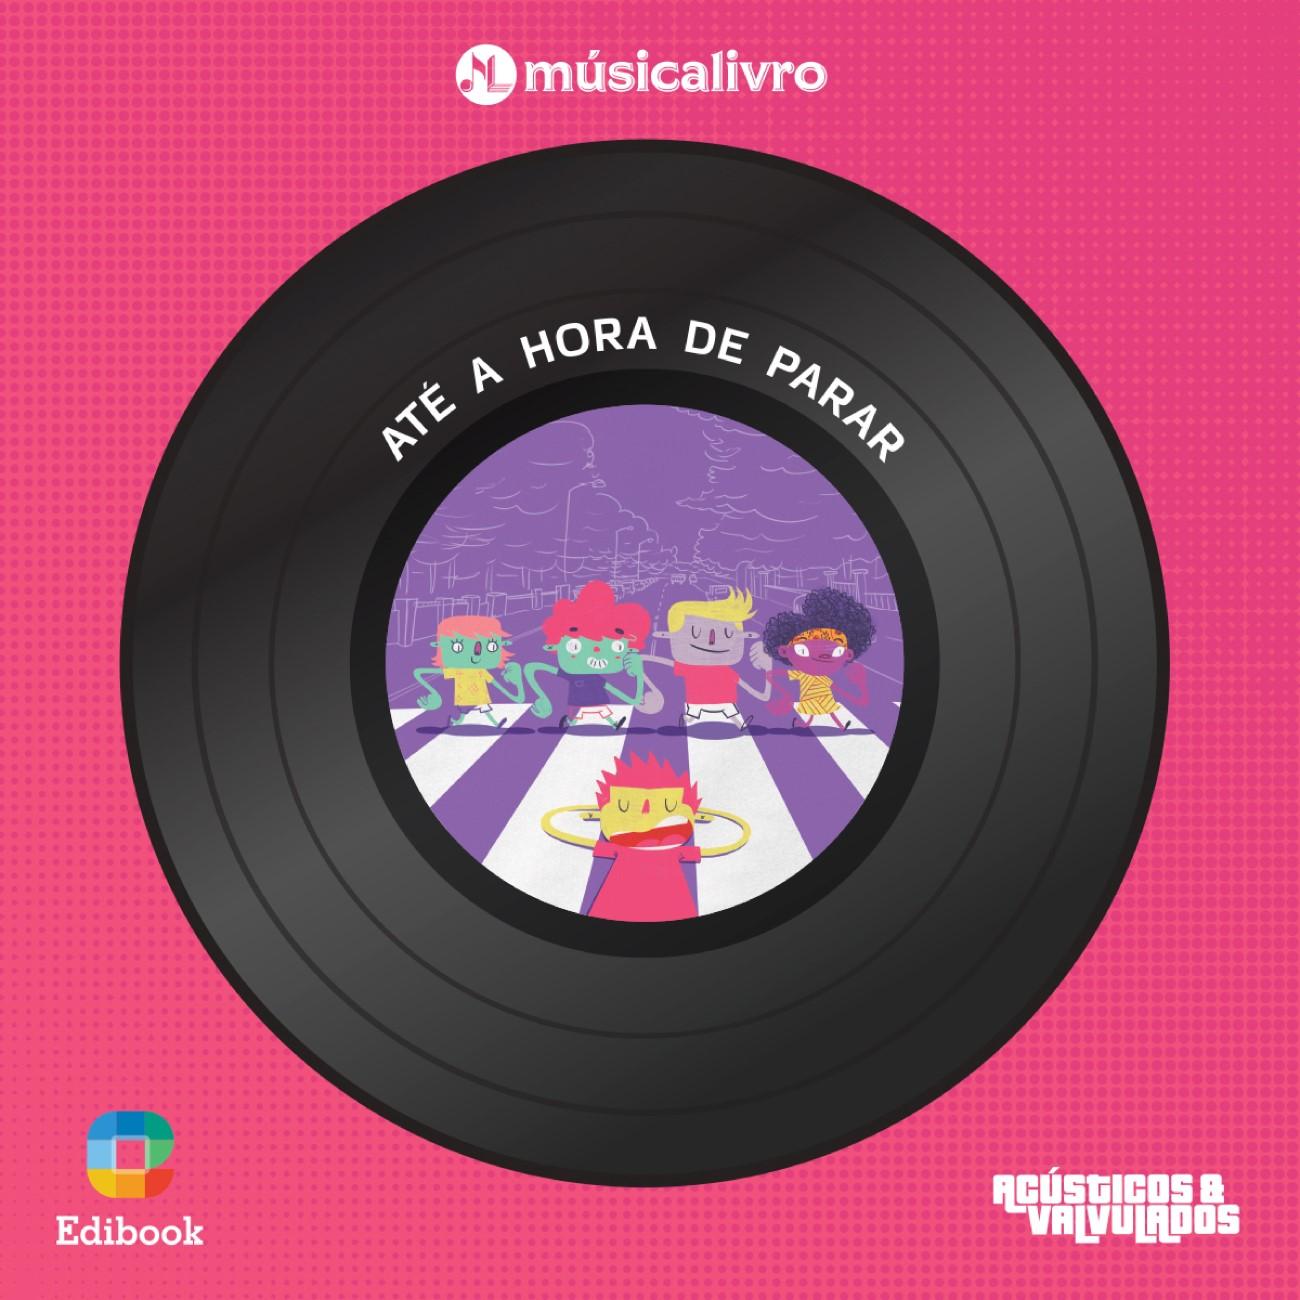 MUSICALIVRO - ATE A HORA DE PARAR